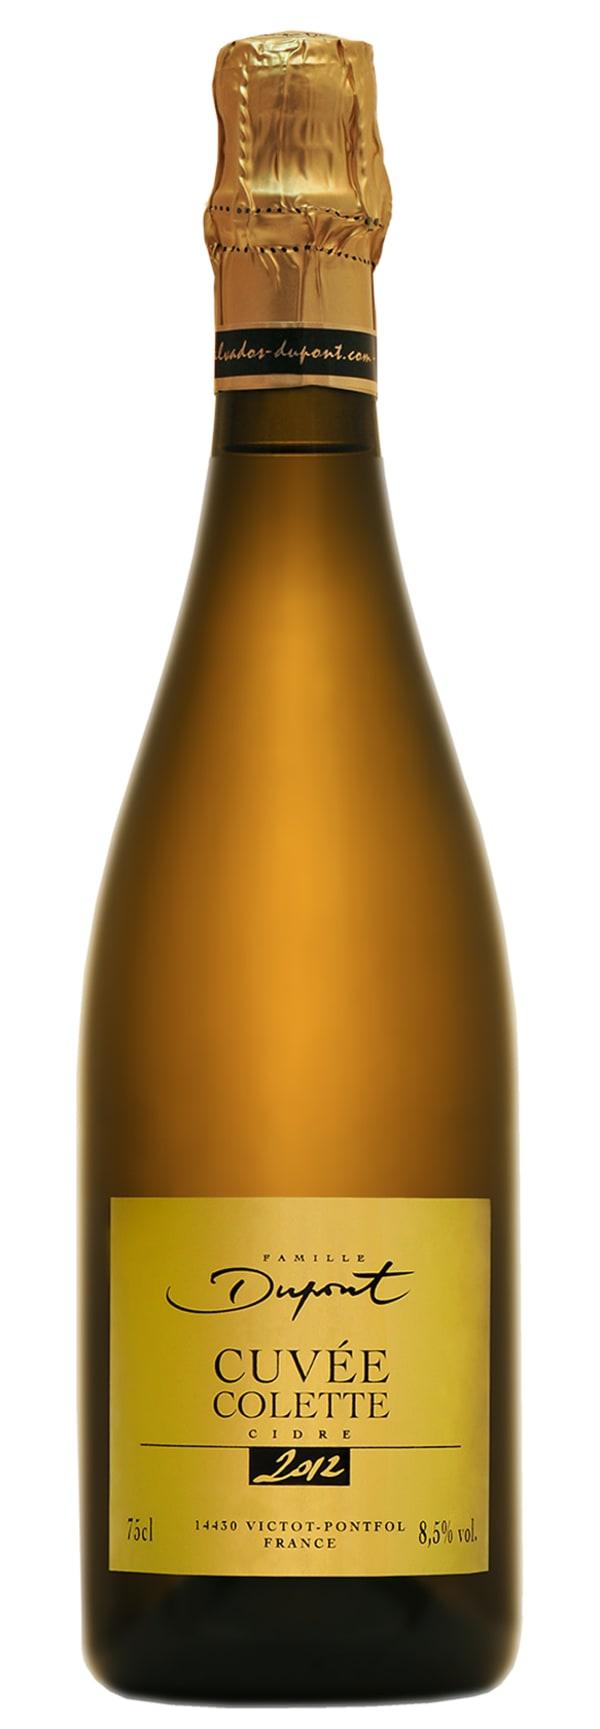 Dupont Cidre Cuvée Colette 2012